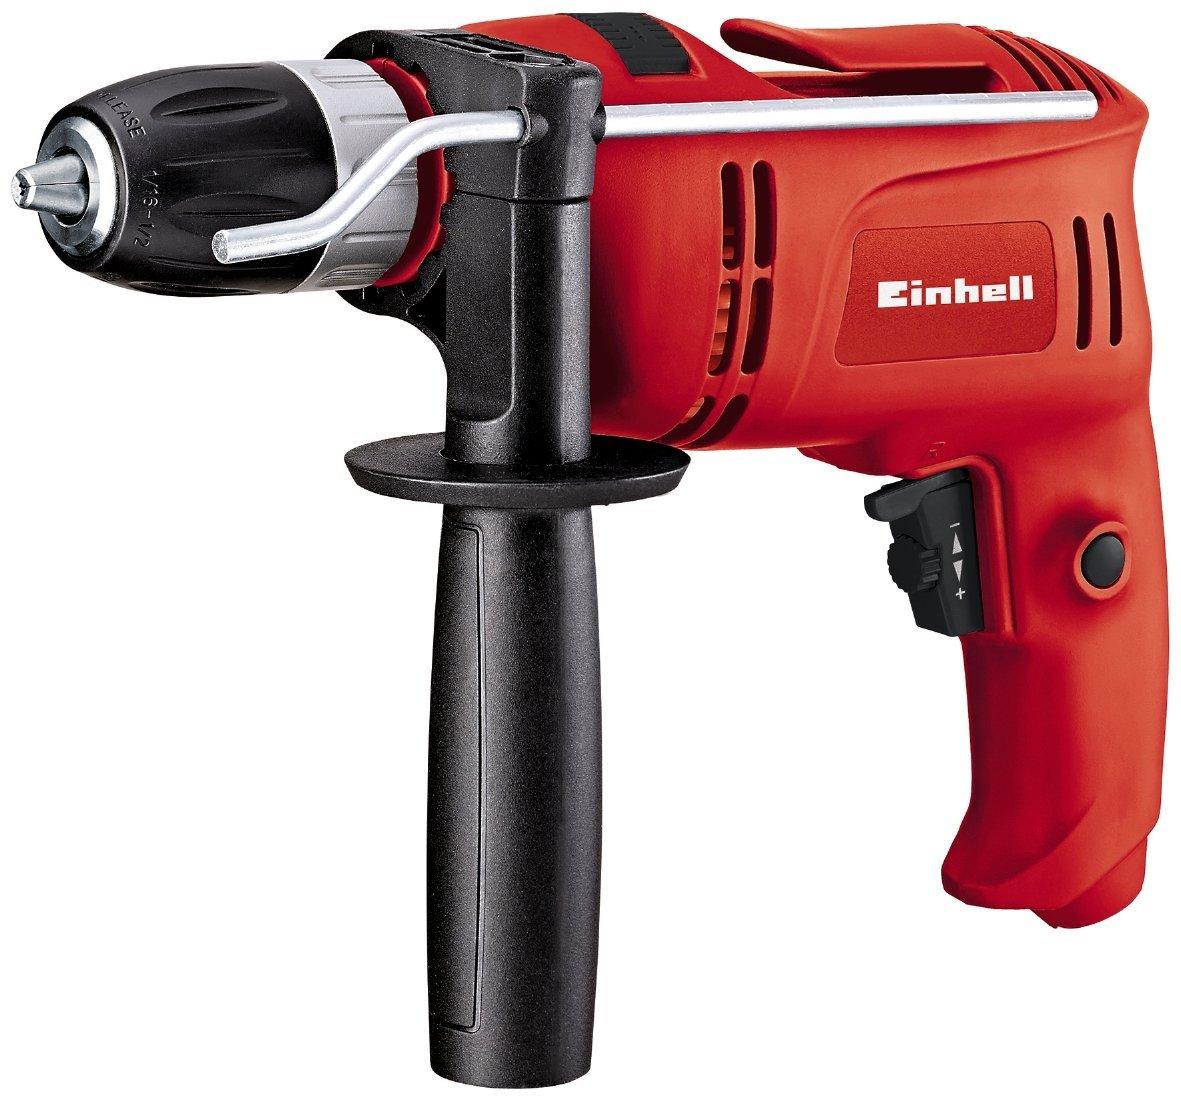 Einhell Schlagbohrmaschine TC-ID 650 E (650 W, Bohrleistung Ø Holz 25 mm, Beton 13mm, Metall 10 mm, Metall-Tiefenanschlag, Gürtelhaken) 4258682